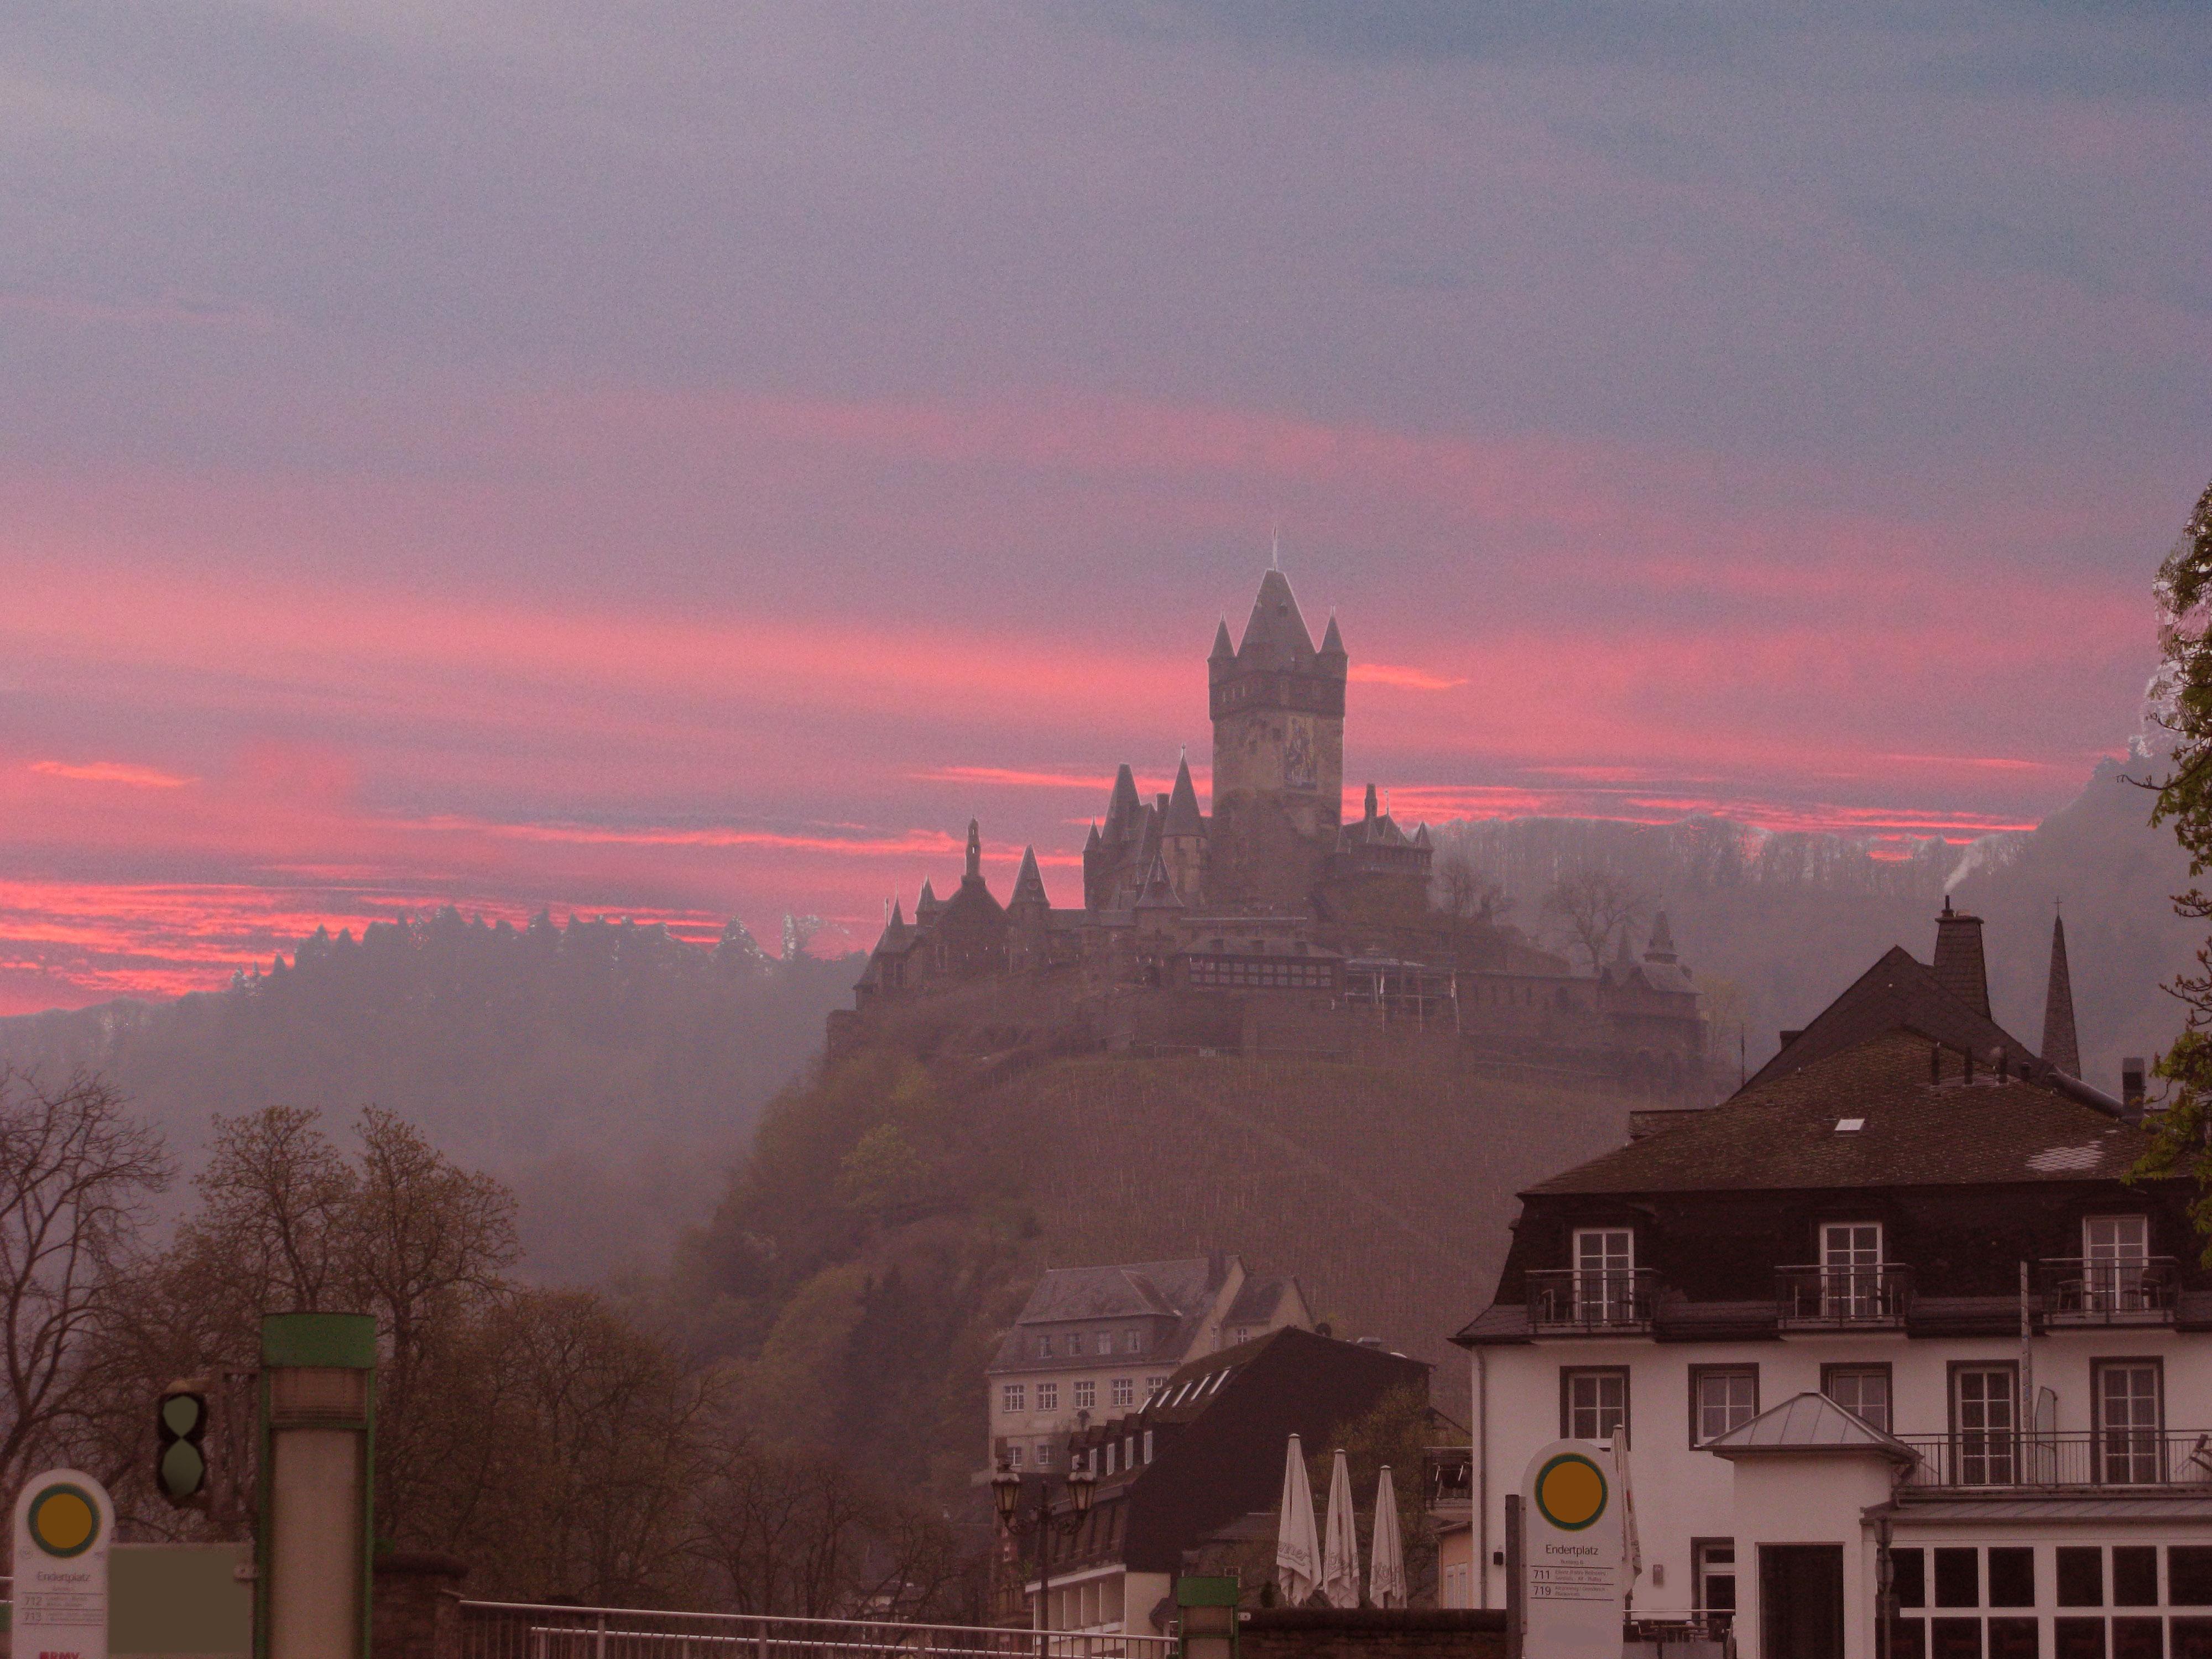 """Reichsburg über Cochem, Kulisse für Teil IV der Elektron-Saga """"Landnahme"""" - dort fest in schottischer Hand"""